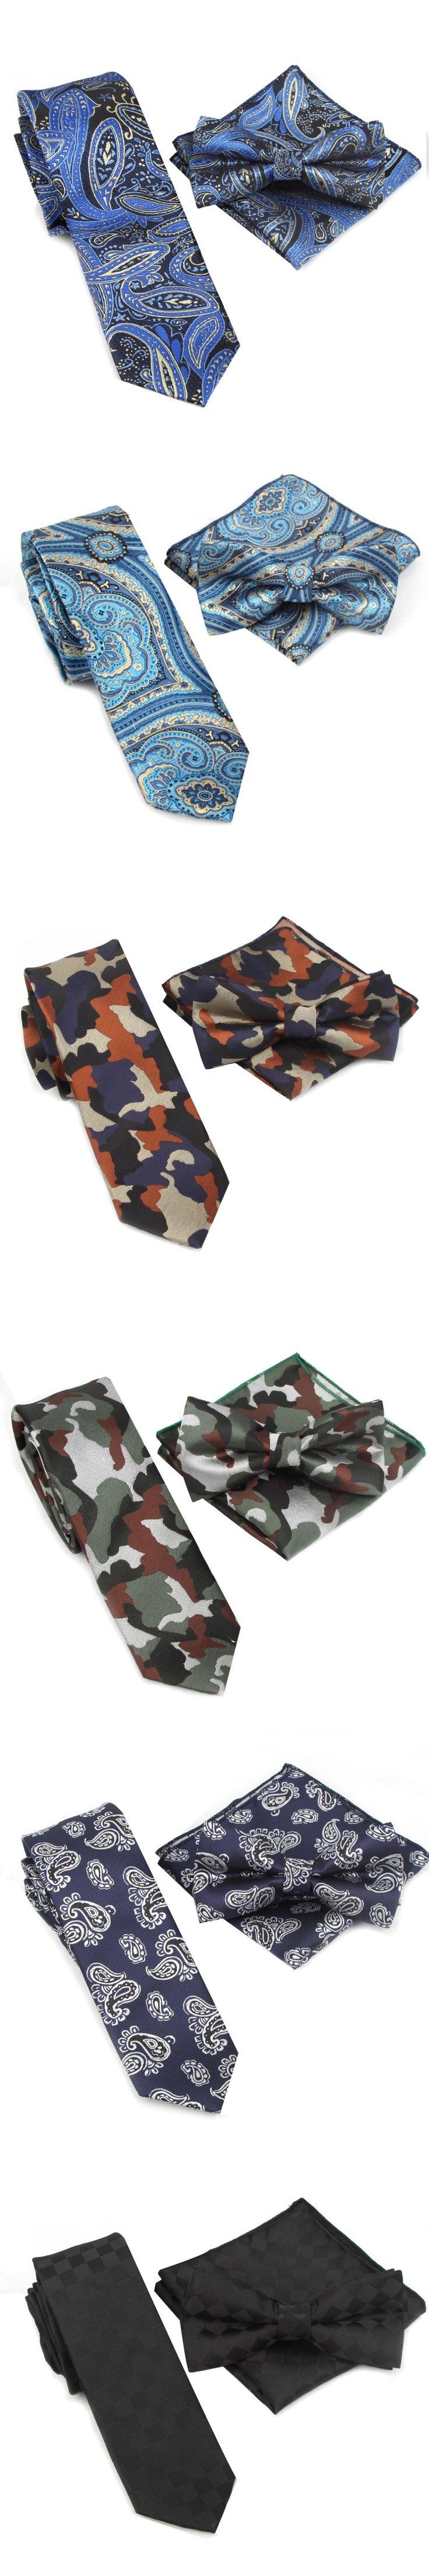 Neck Tie Set CAMO Bow Ties for Men Mariage Necktie Pocket Handkerchief Butterfly Towel Wedding Cravat Gravata Slim 6cm width